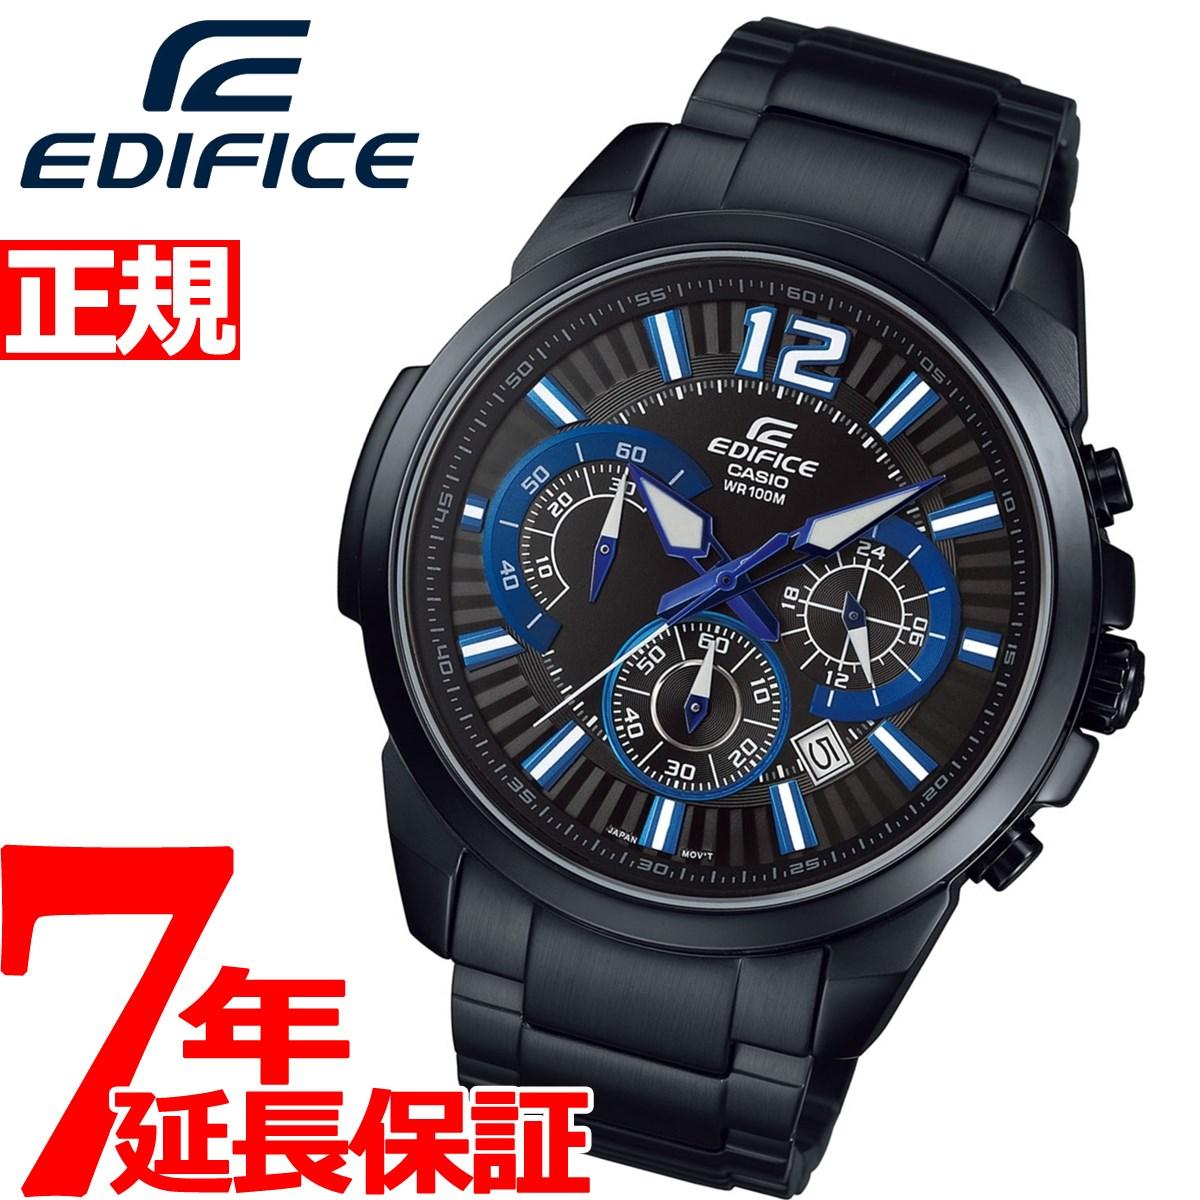 【お買い物マラソンは当店がお得♪本日20より!】カシオ エディフィス CASIO EDIFICE 限定モデル 腕時計 メンズ アナログ クロノグラフ EFR-535BKJ-1A2JF